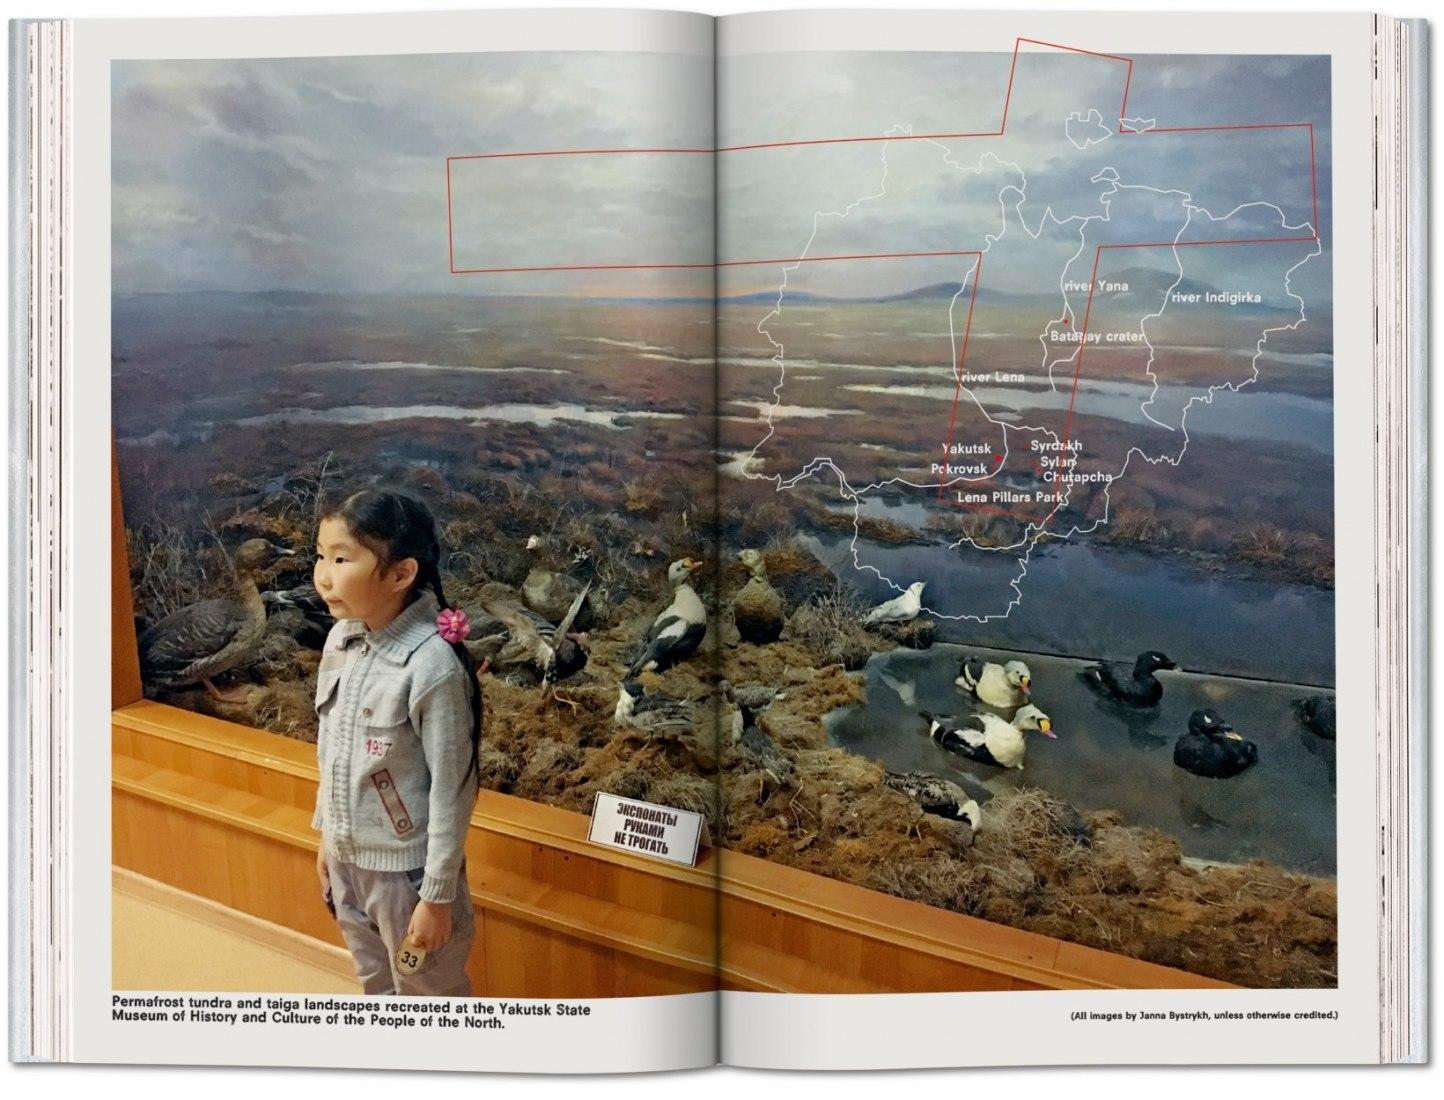 Páginas interiores. Portada. Countryside, a report por AMO, Rem Koolhaas